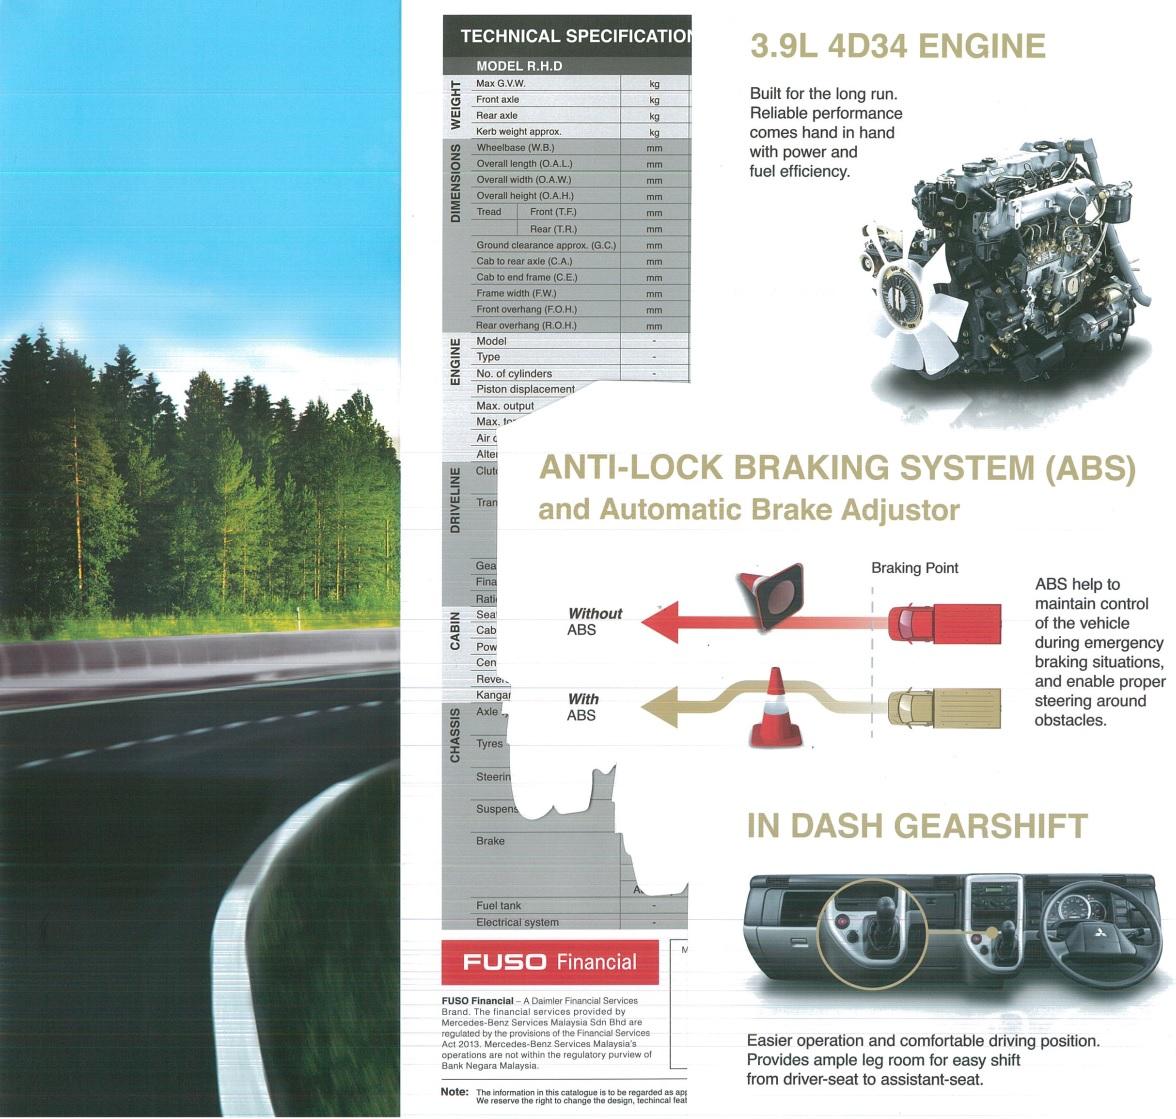 Kết quả hình ảnh cho anti-lock braking system in canter